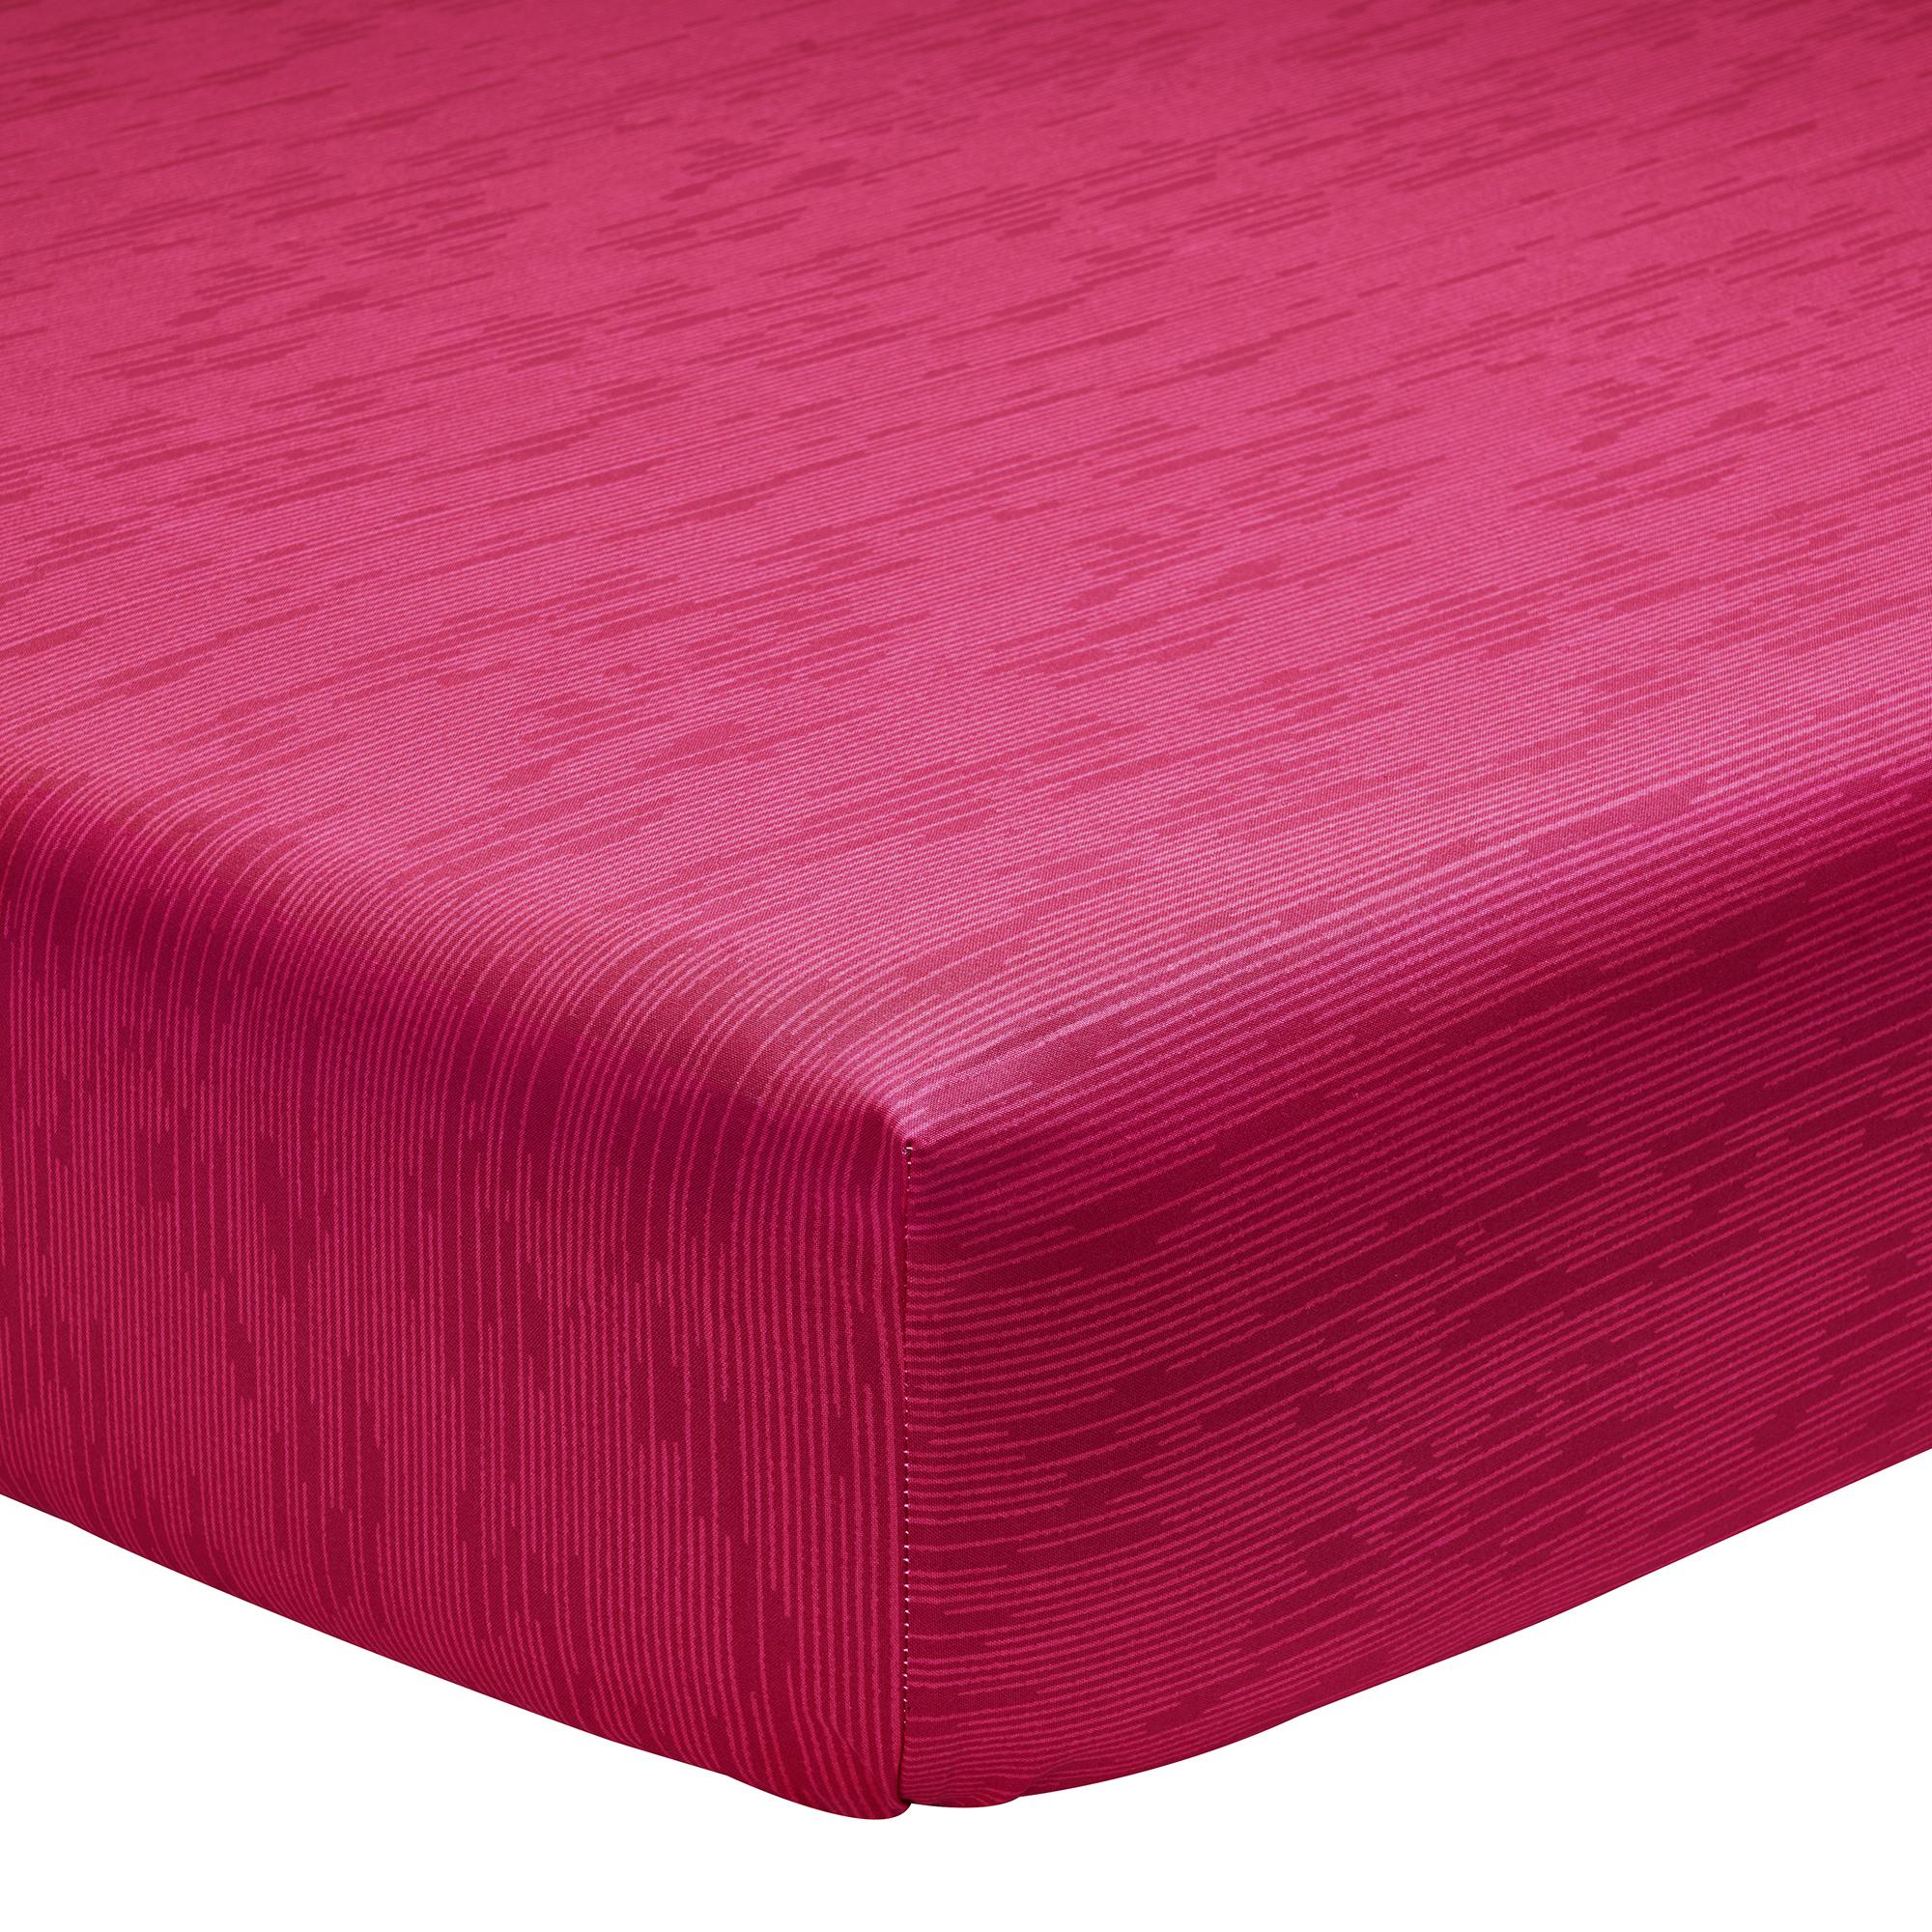 Drap housse imprimé en lyocell rouge 140x190